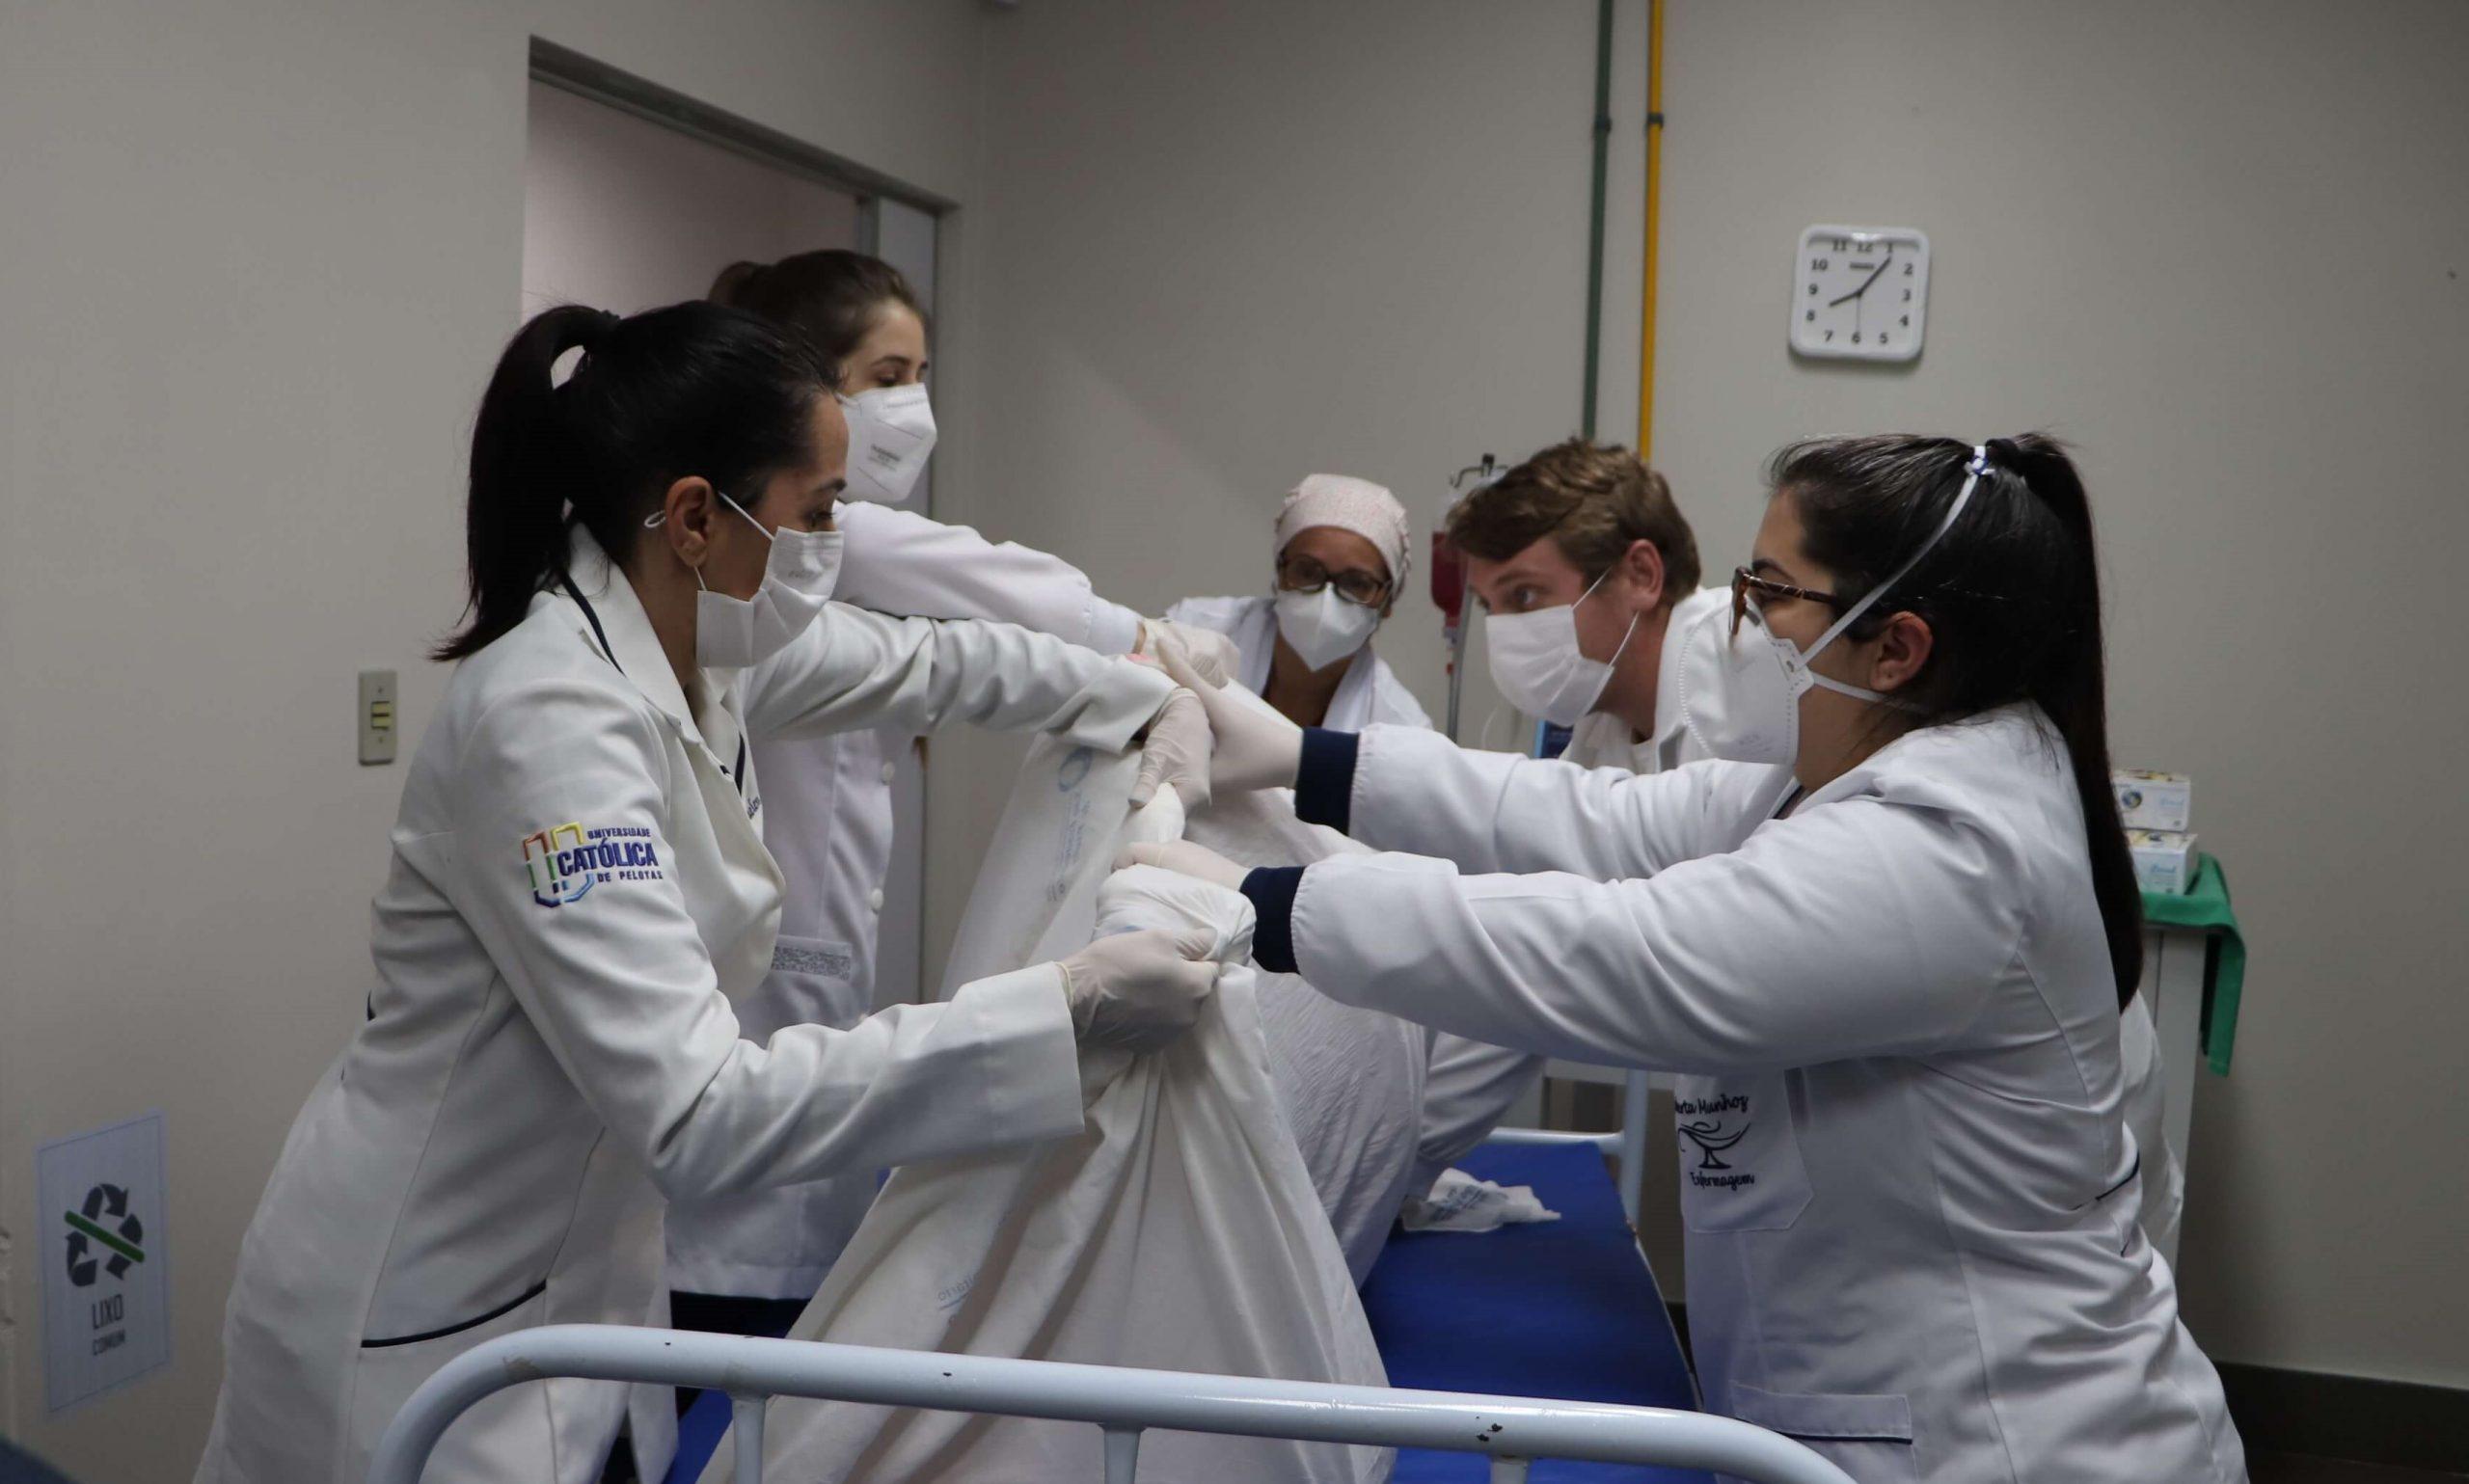 simulação realística na enfermagem, Simulação realística: utilização no ensino da Enfermagem